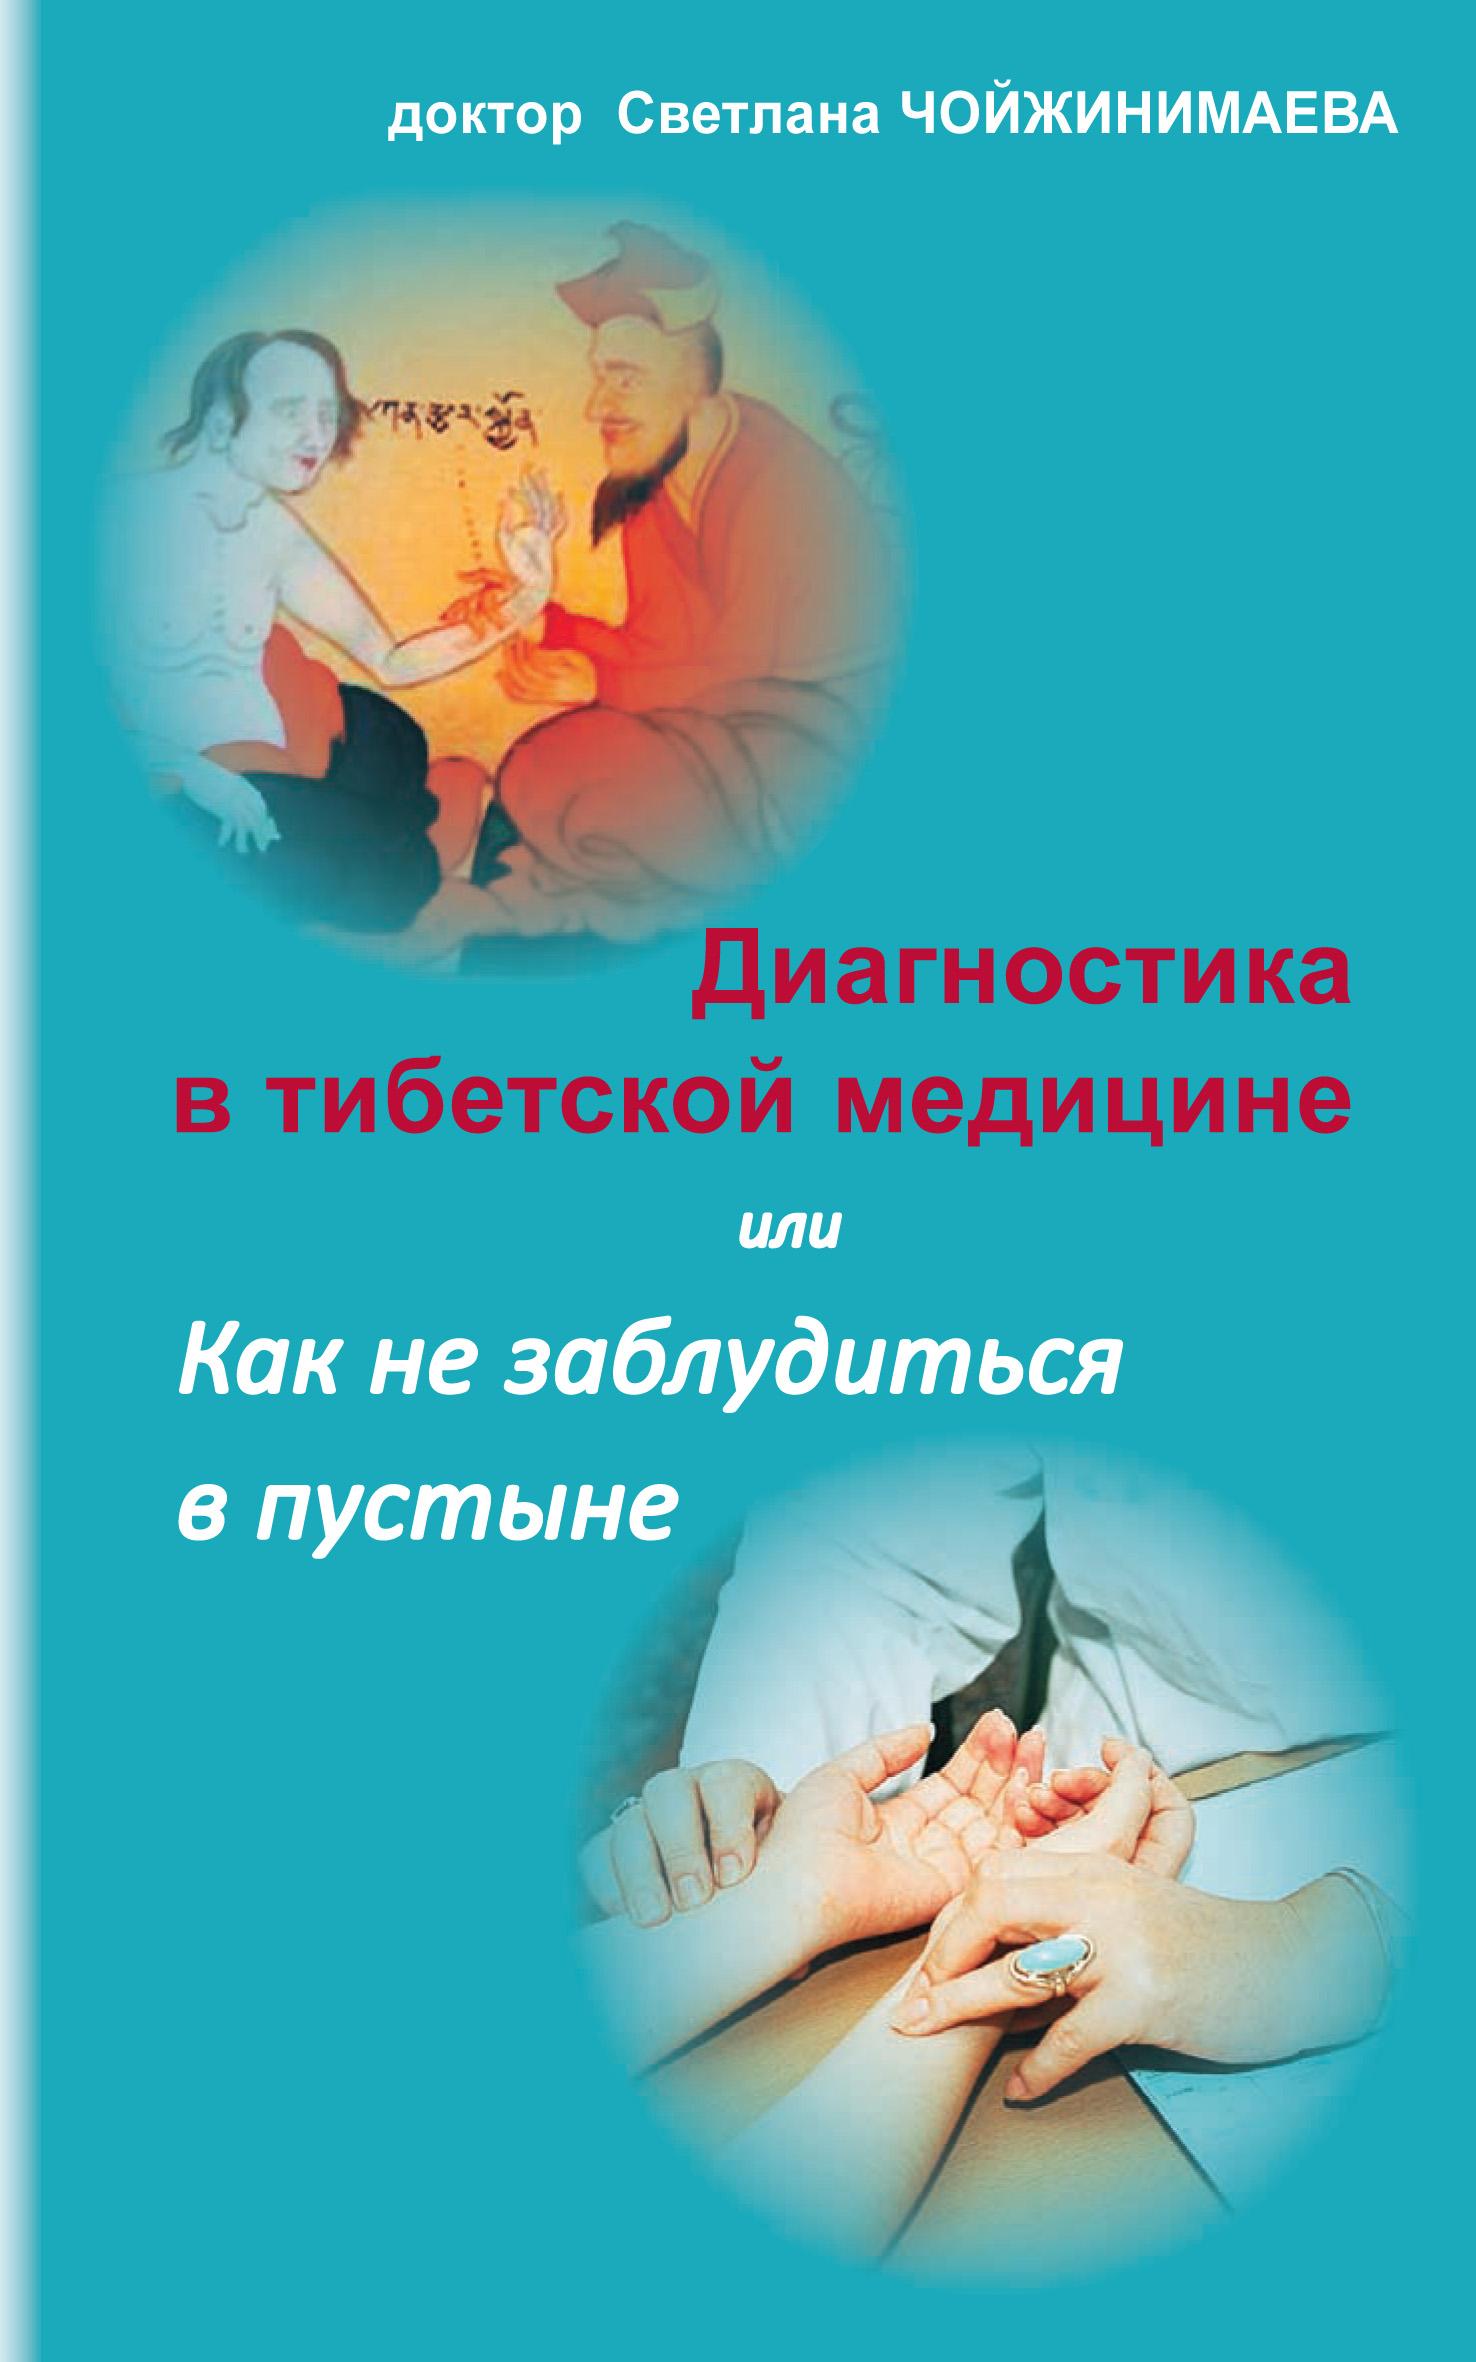 Светлана Чойжинимаева Диагностика в тибетской медицине, или Как не заблудиться в пустыне чжома дунчжи искусство долголетия по тибетской медицине книга 1